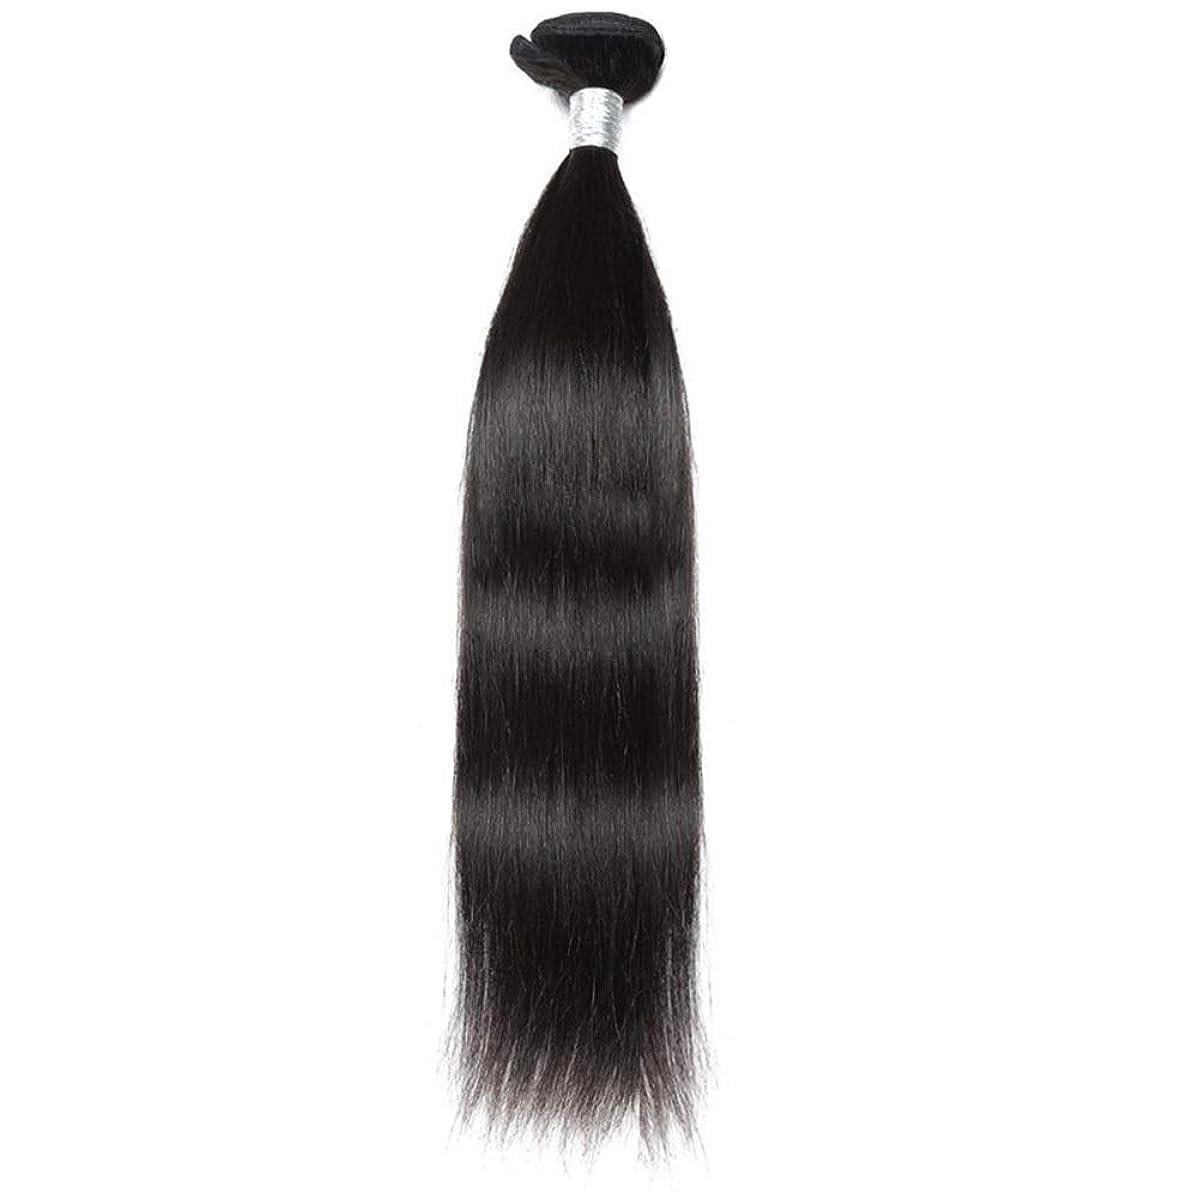 起きているくつろぐそしてHOHYLLYA ブラジルのバージンヘア9Aグレード絹のようなストレート人間の髪の毛の織り方1バンドルナチュラルカラーヘアエクステンション(10インチ-26インチ)合成髪レースかつらロールプレイングウィッグストレートシリンダーショートスタイル女性自然 (色 : 黒, サイズ : 26 inch)